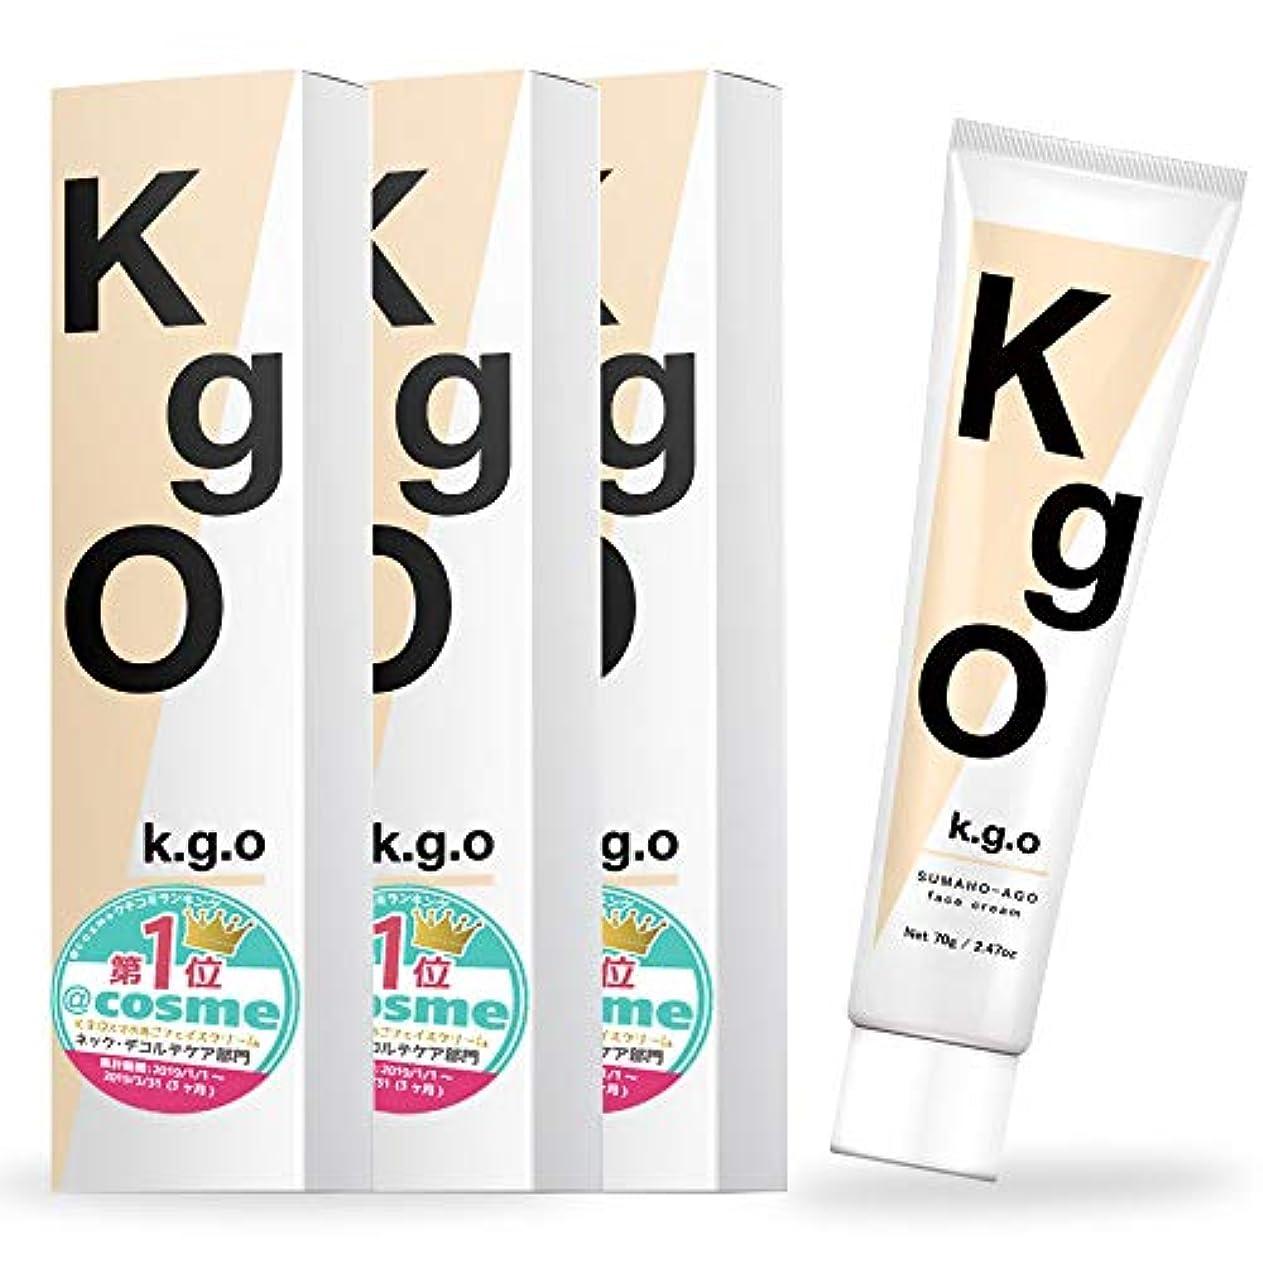 短くする画面きょうだいK.g.O SUMAHO-AGO face cream ケージーオー スマホあご フェイスクリーム 70g (3本セット)